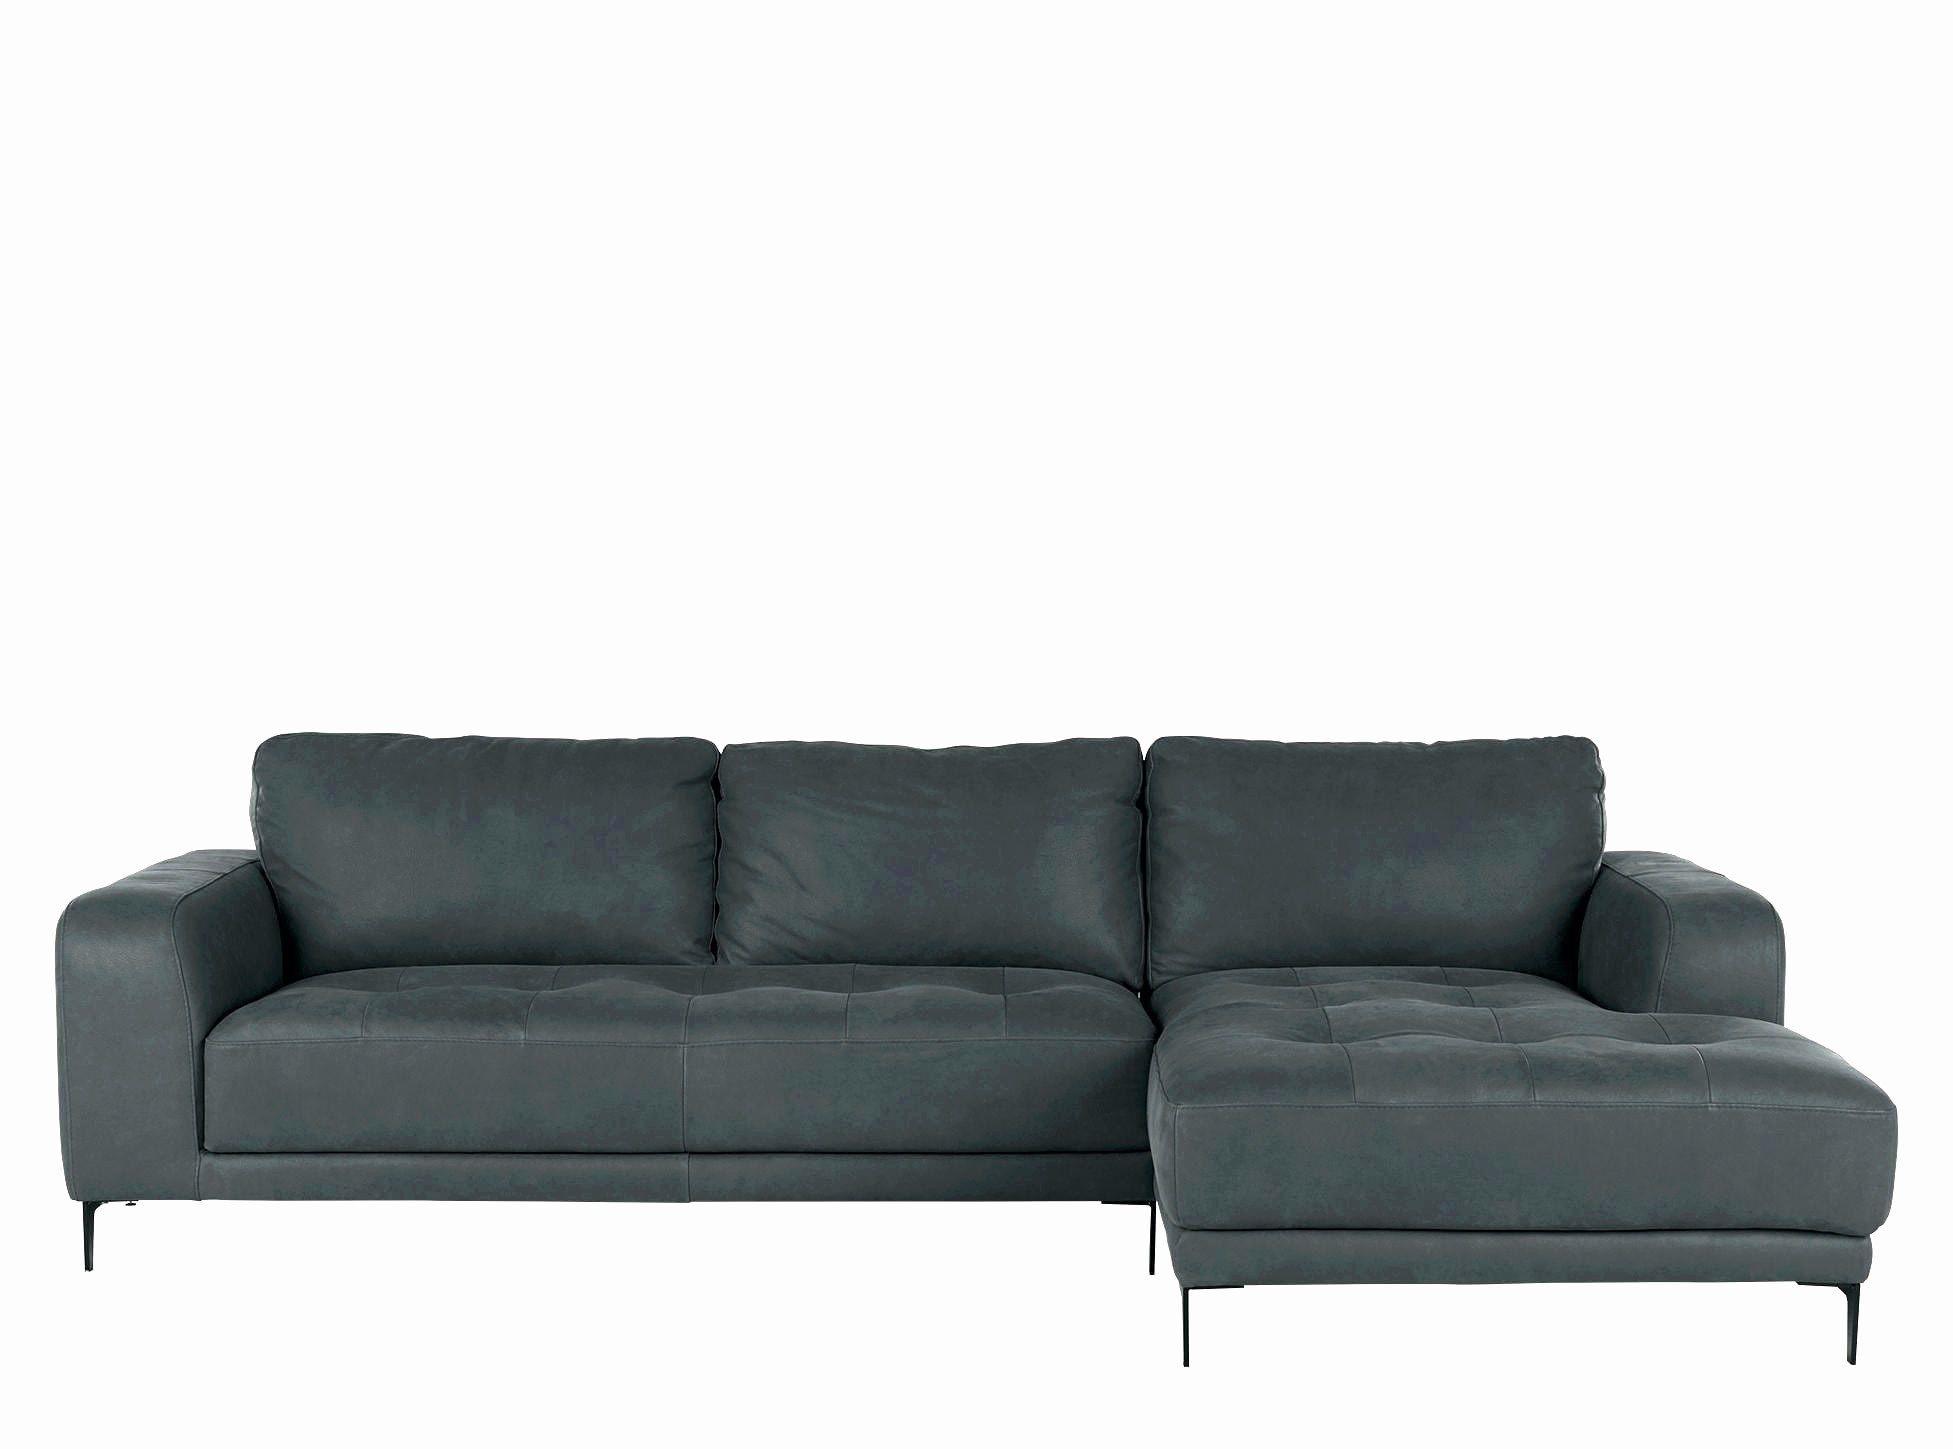 Housse Pour Tete De Lit De Luxe Housse Pour Clic Clac Ikea